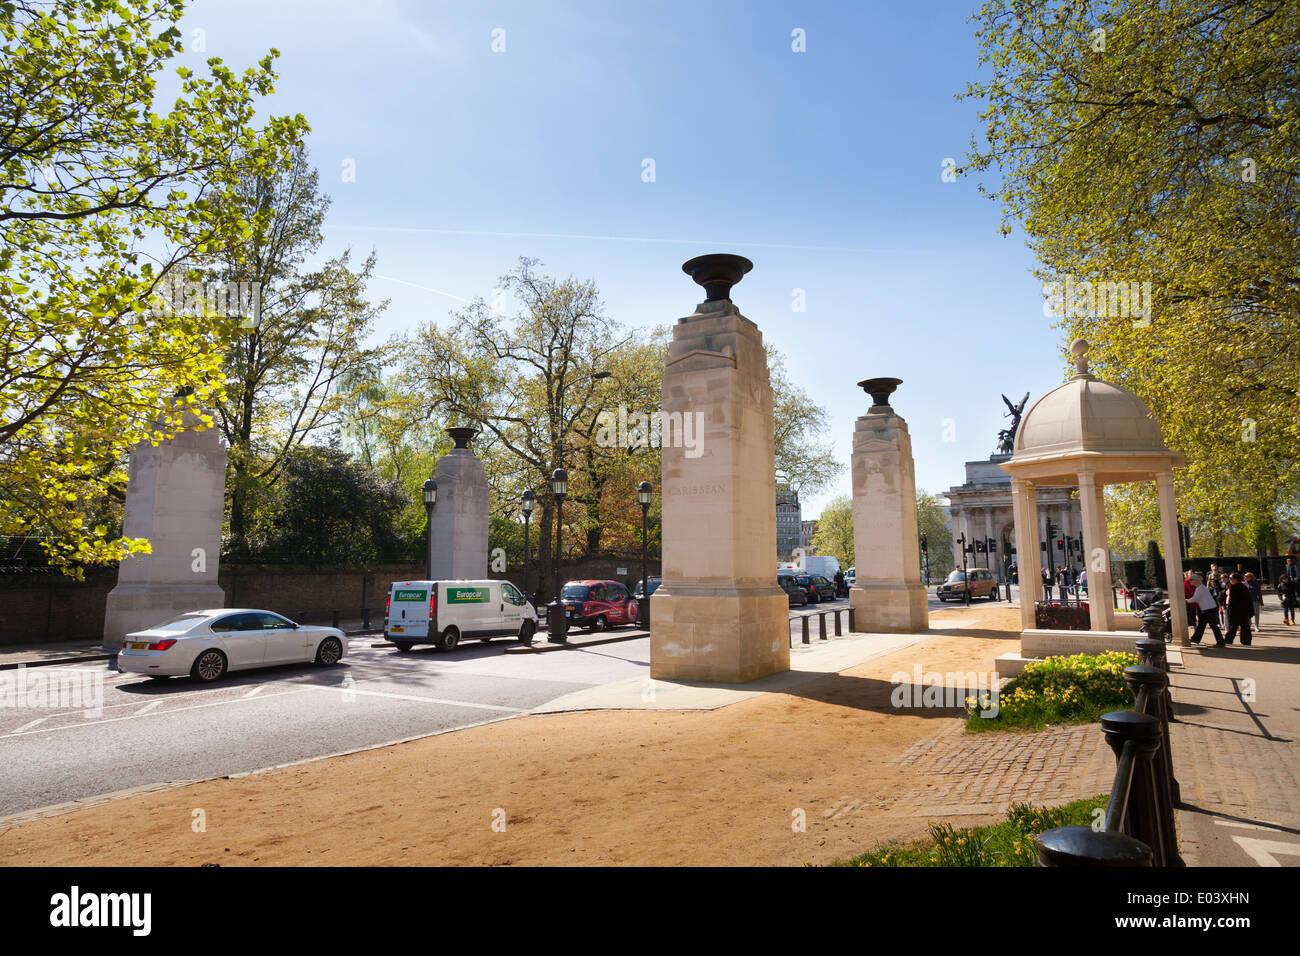 Memorial Gates am Ende des Constitution Hill Gedenken der Streitkräfte des britischen Empire aus Afrika, der Karibik und dem indischen Subkontinent. Stockbild